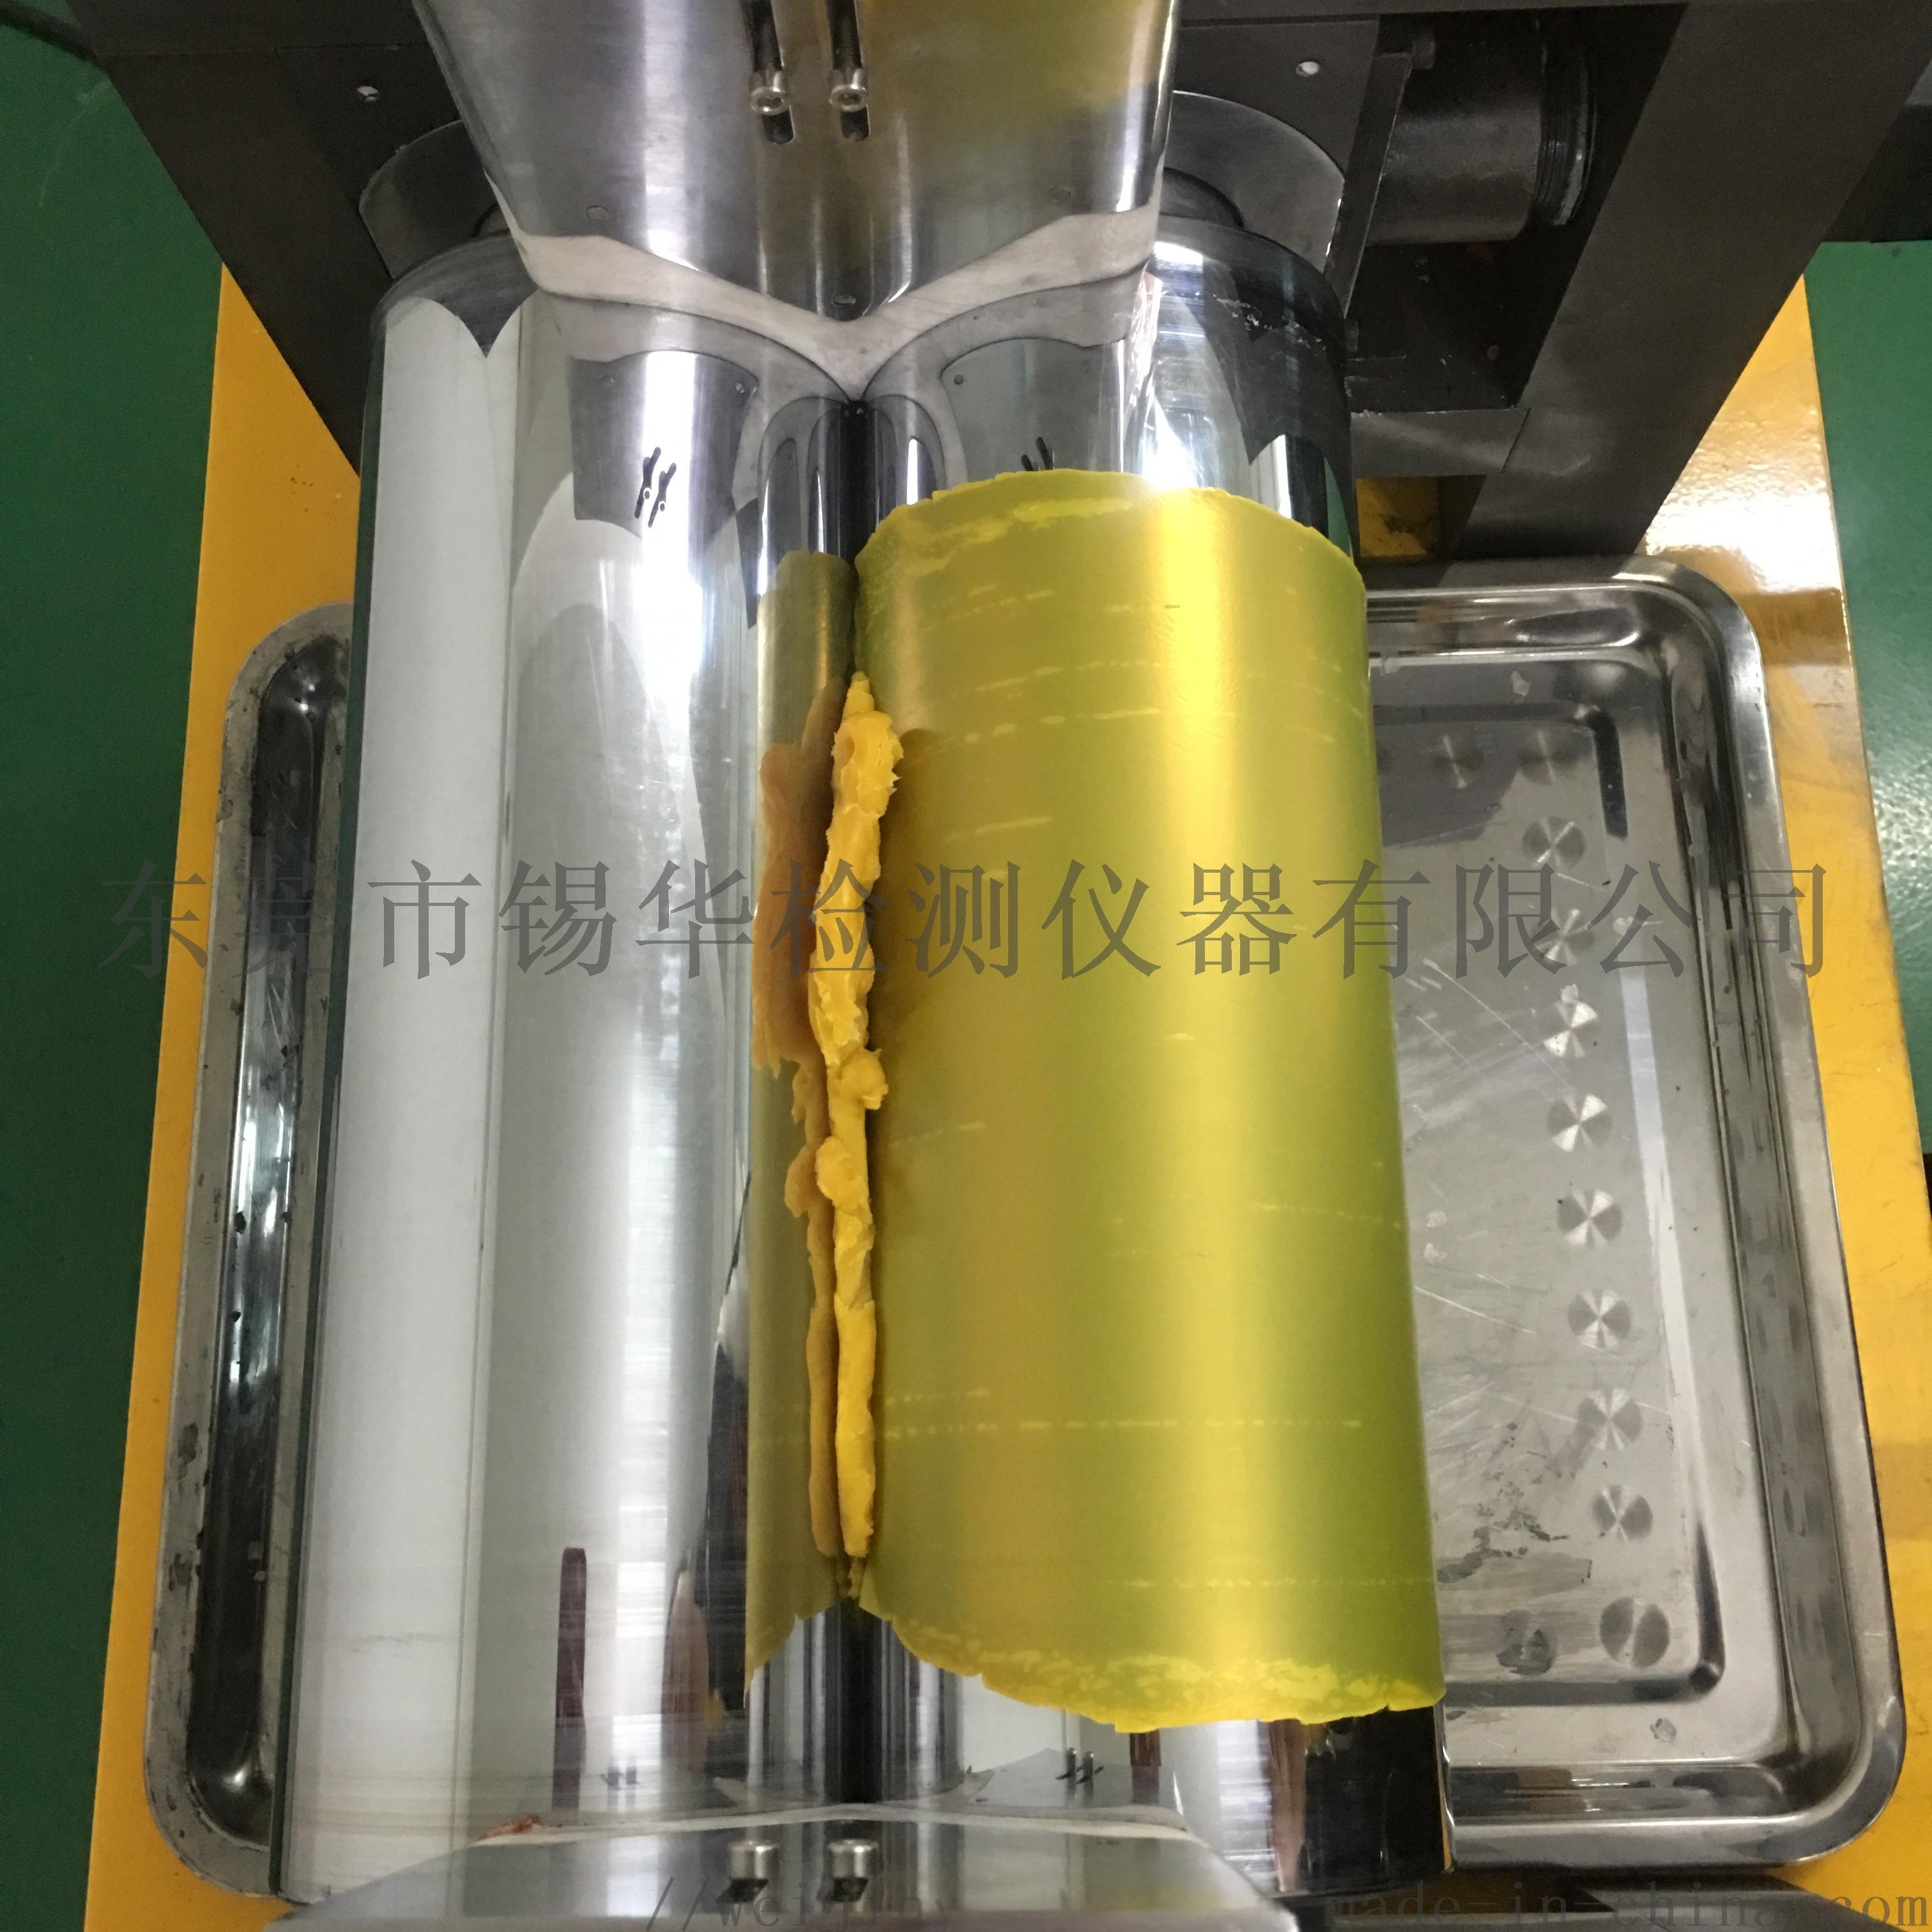 東莞雙輥橡膠開煉機價格XH-40177676485